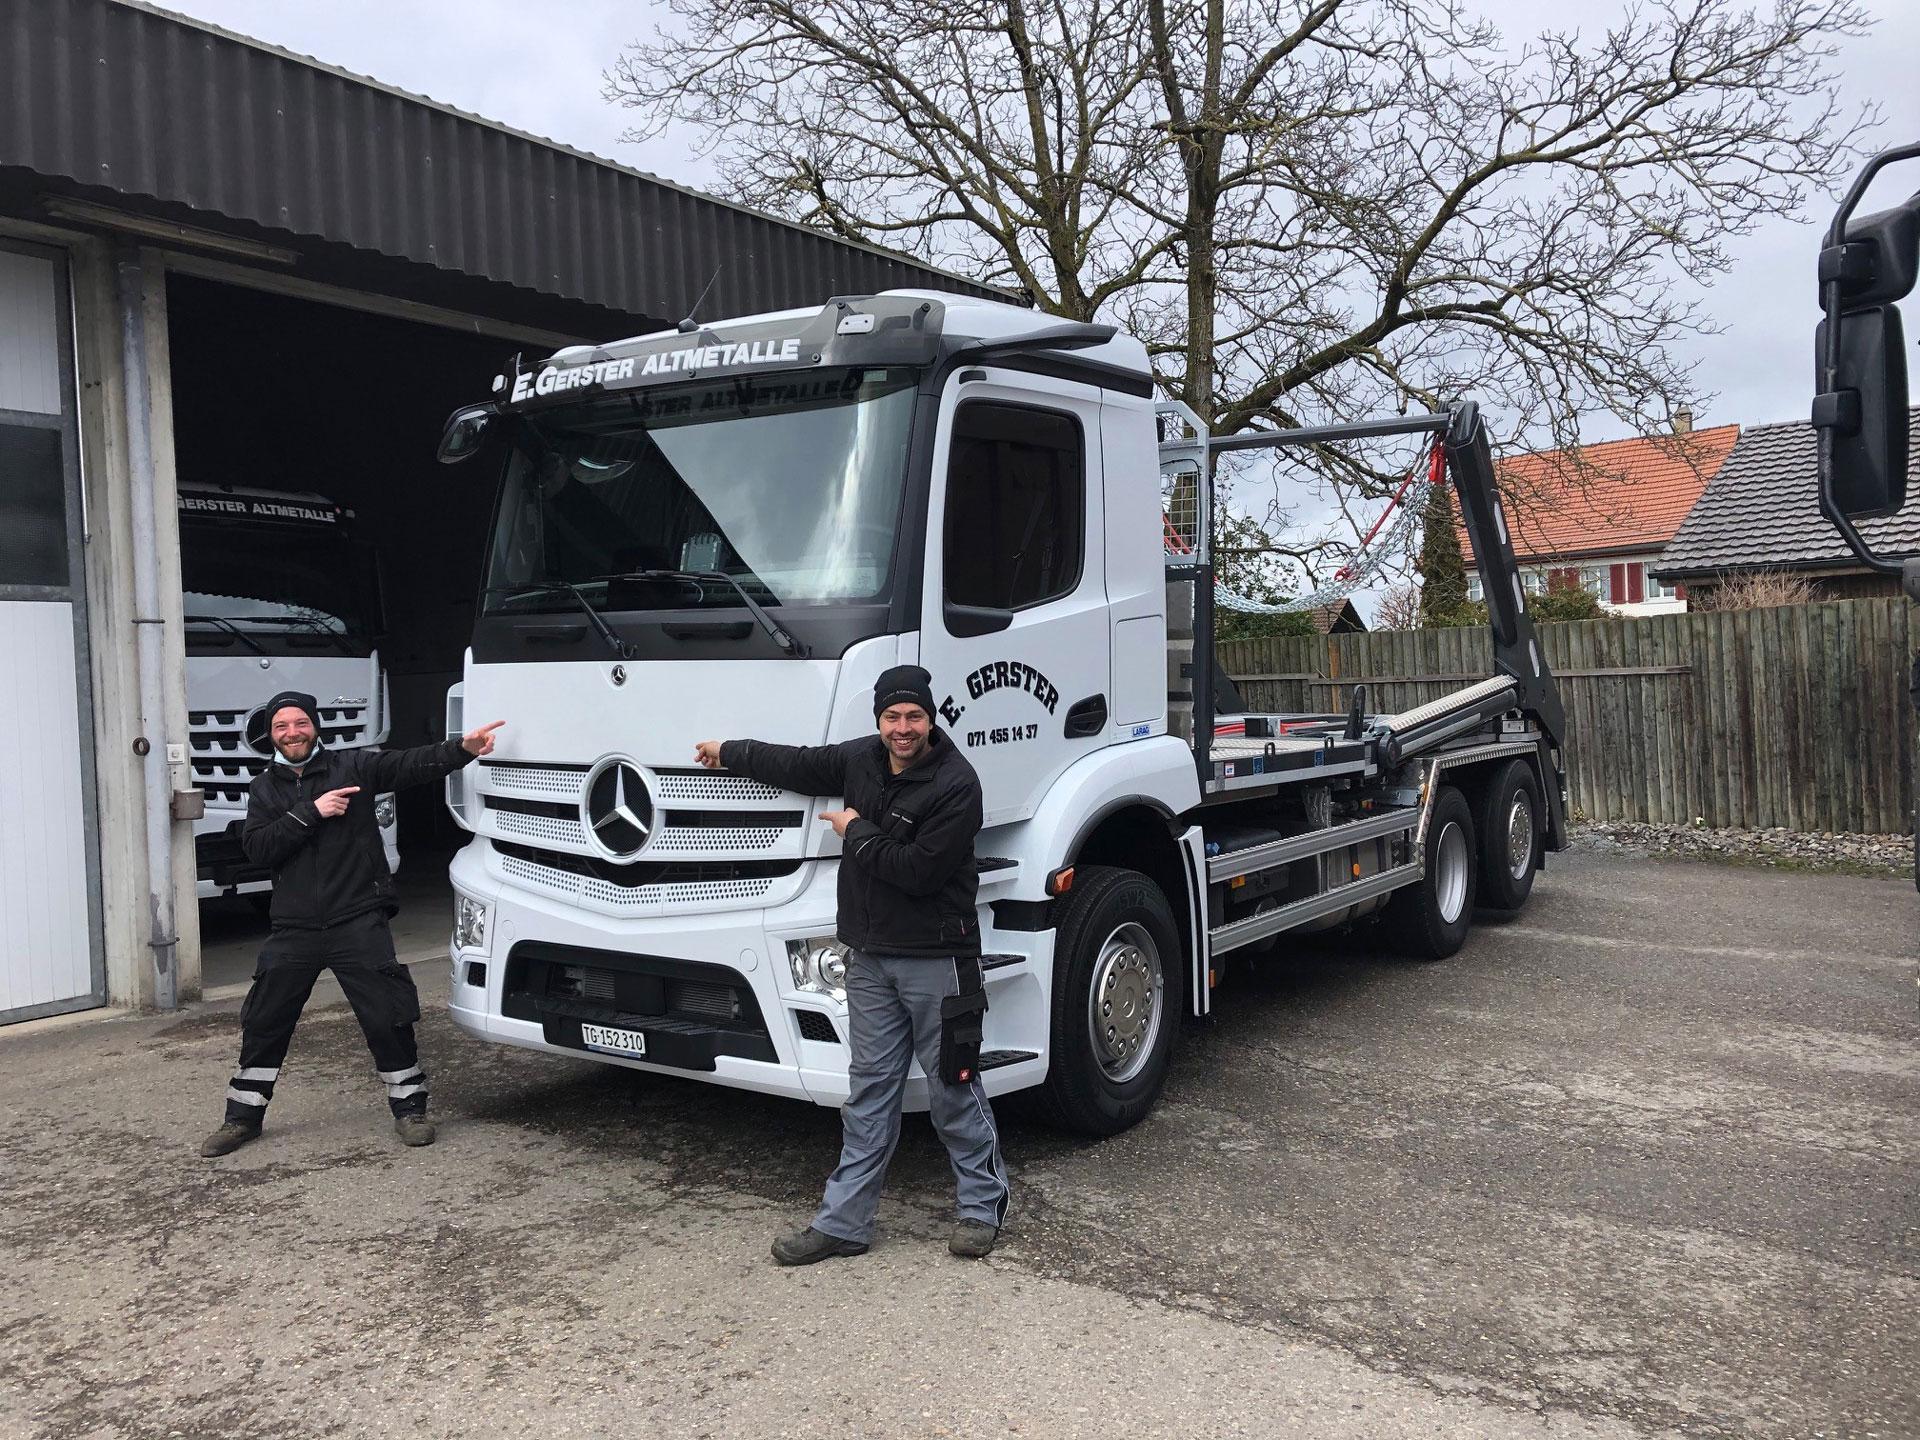 Weisser, dreiachsiger Lastwagen von Mercedes mit UT Absetzkipper GIGANT.